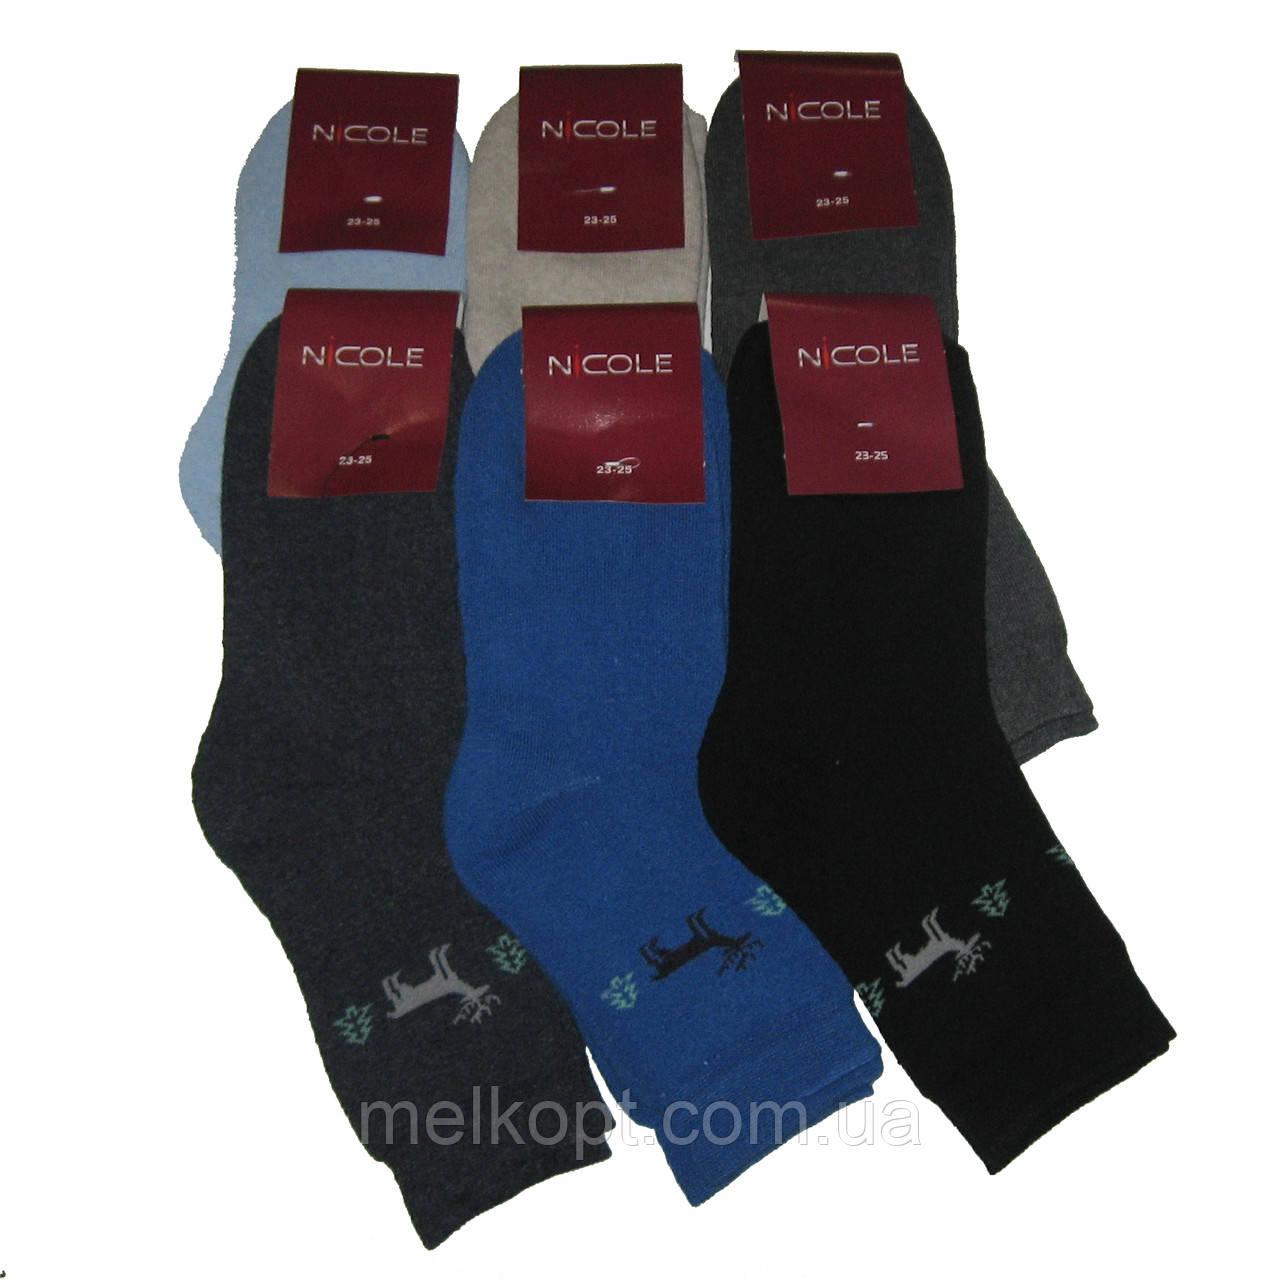 Женские махровые носки Nicole - 12,75 грн./пара (олень)